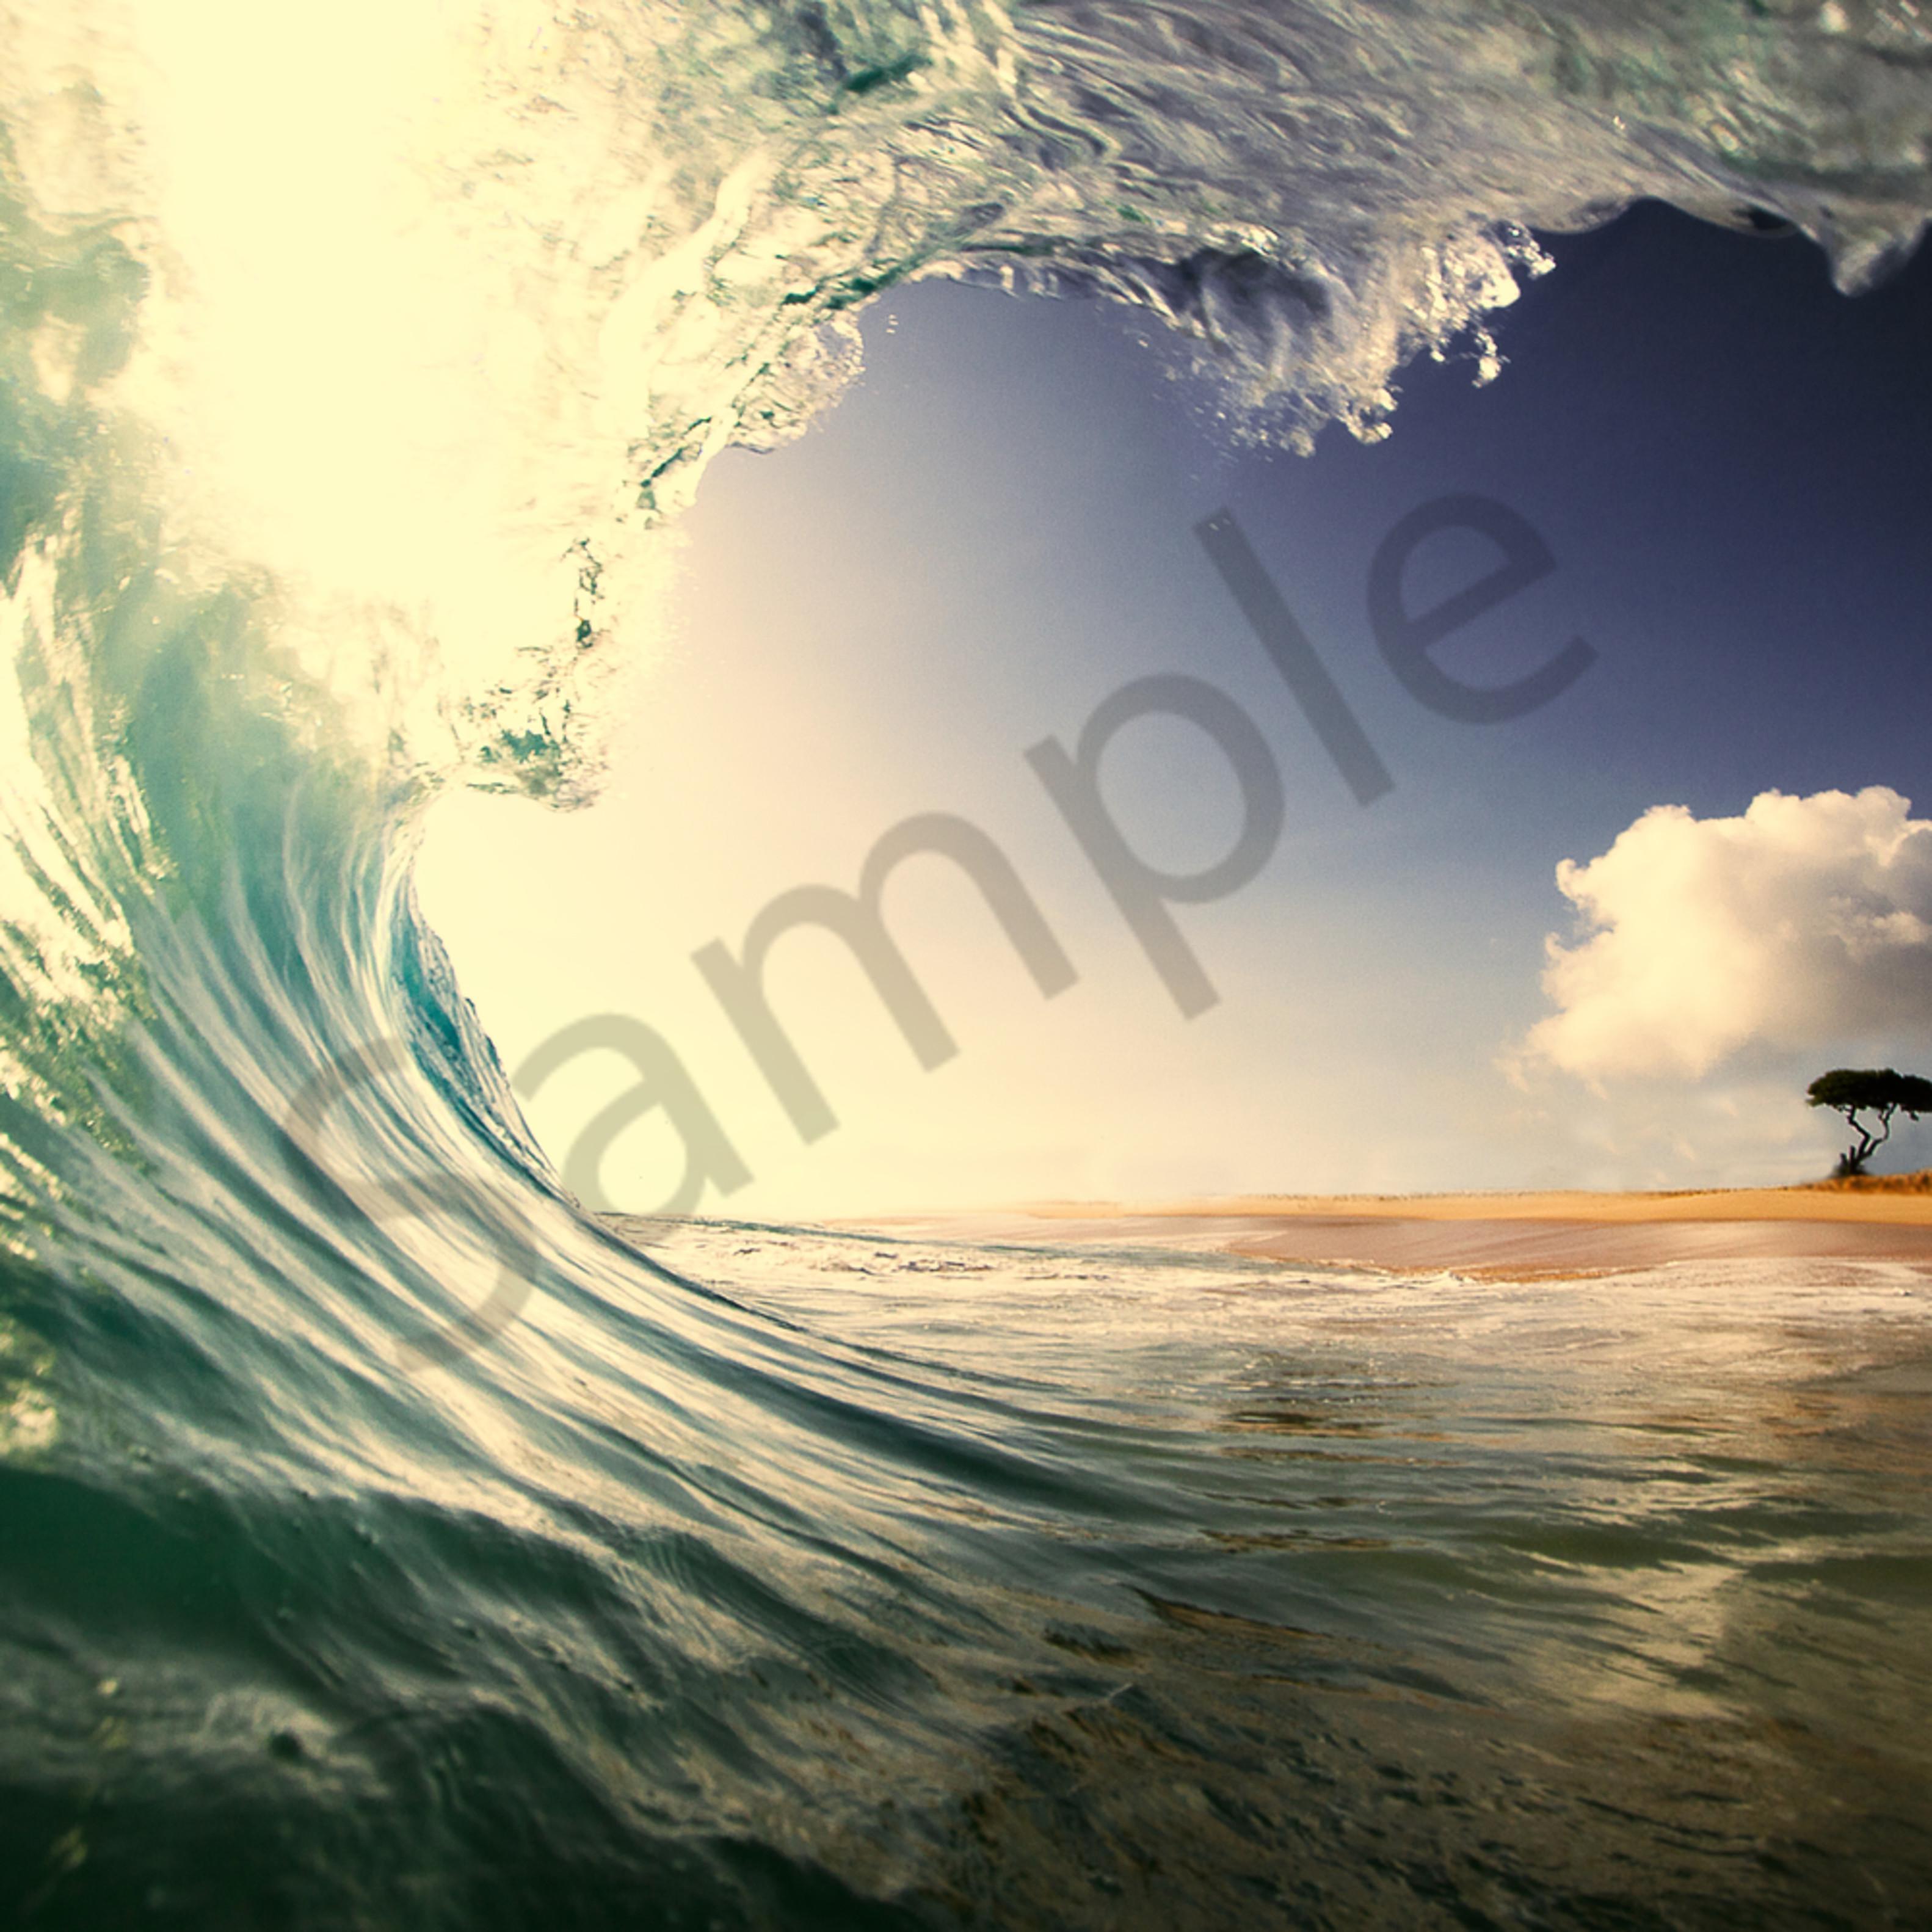 Wave photos hawaii print19 injhgx